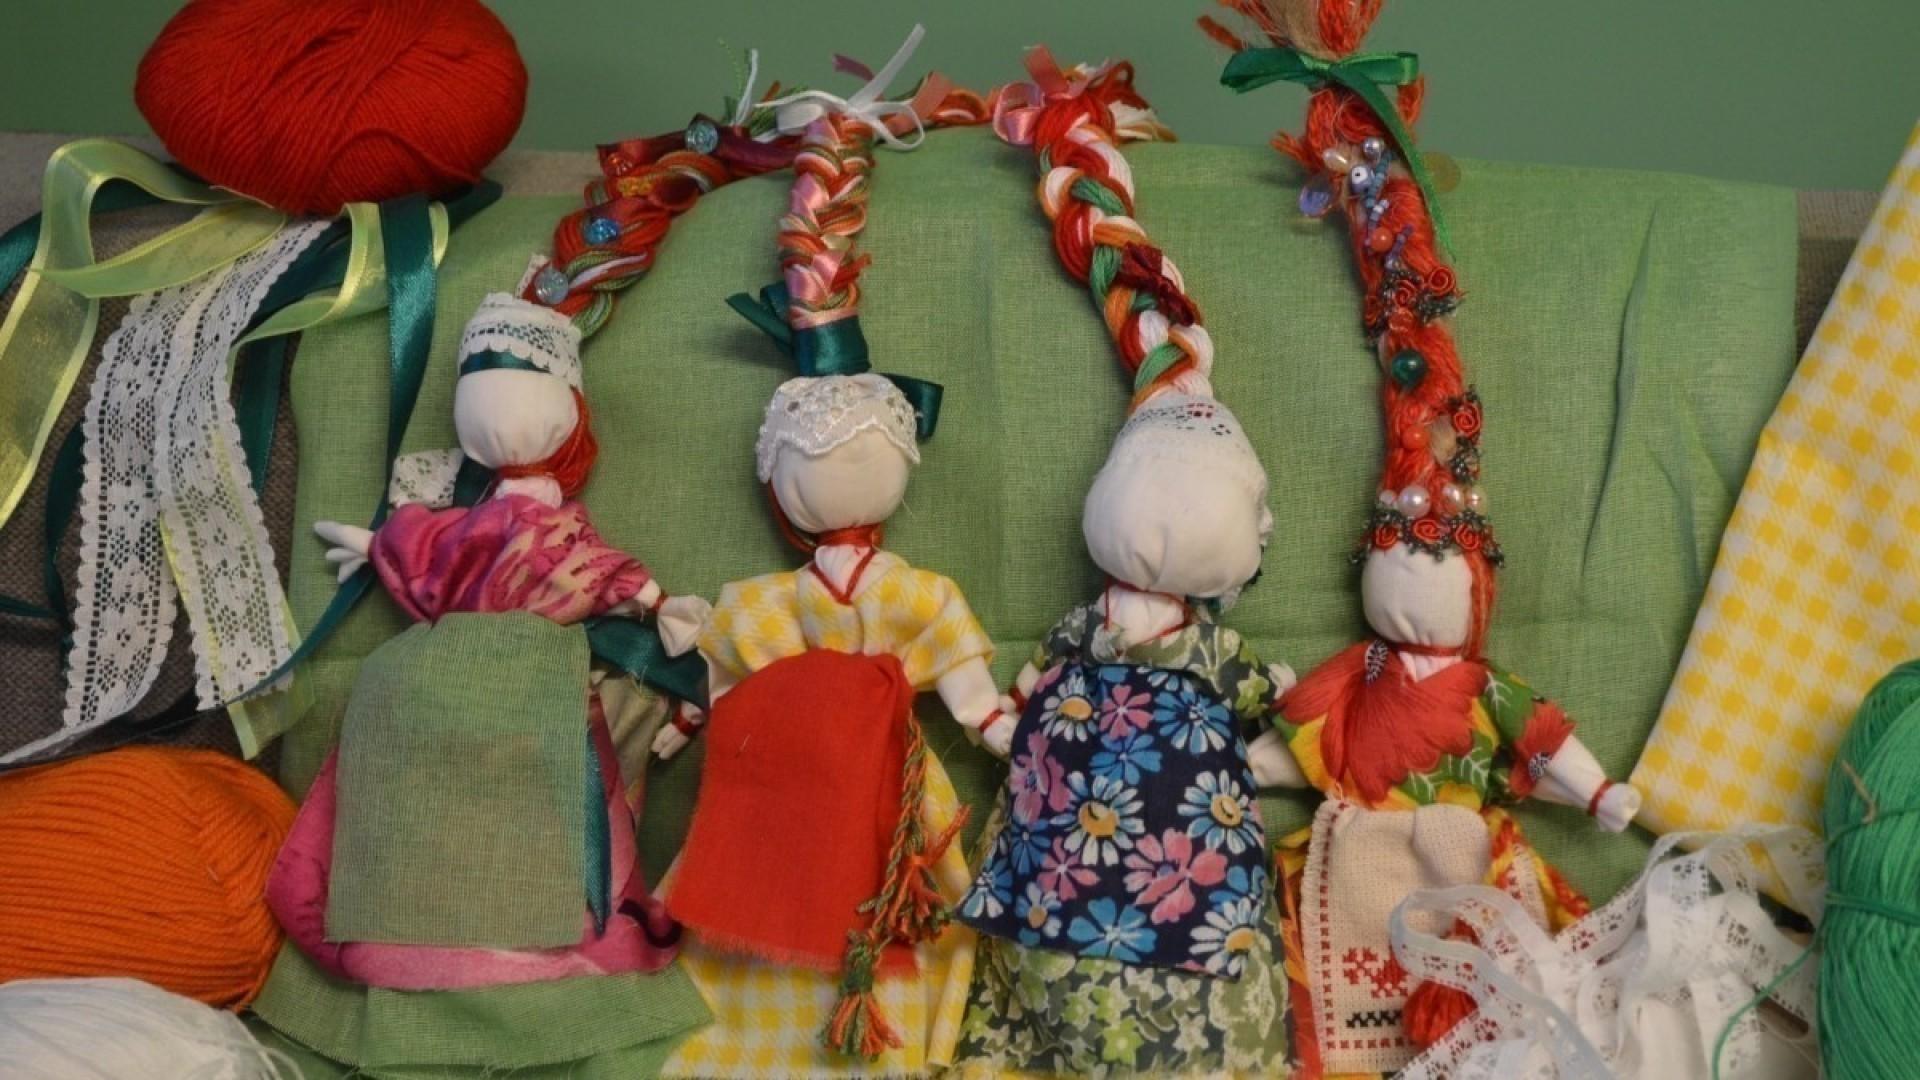 Мастер-класс: славянская кукла Веснянка за 10 шагов